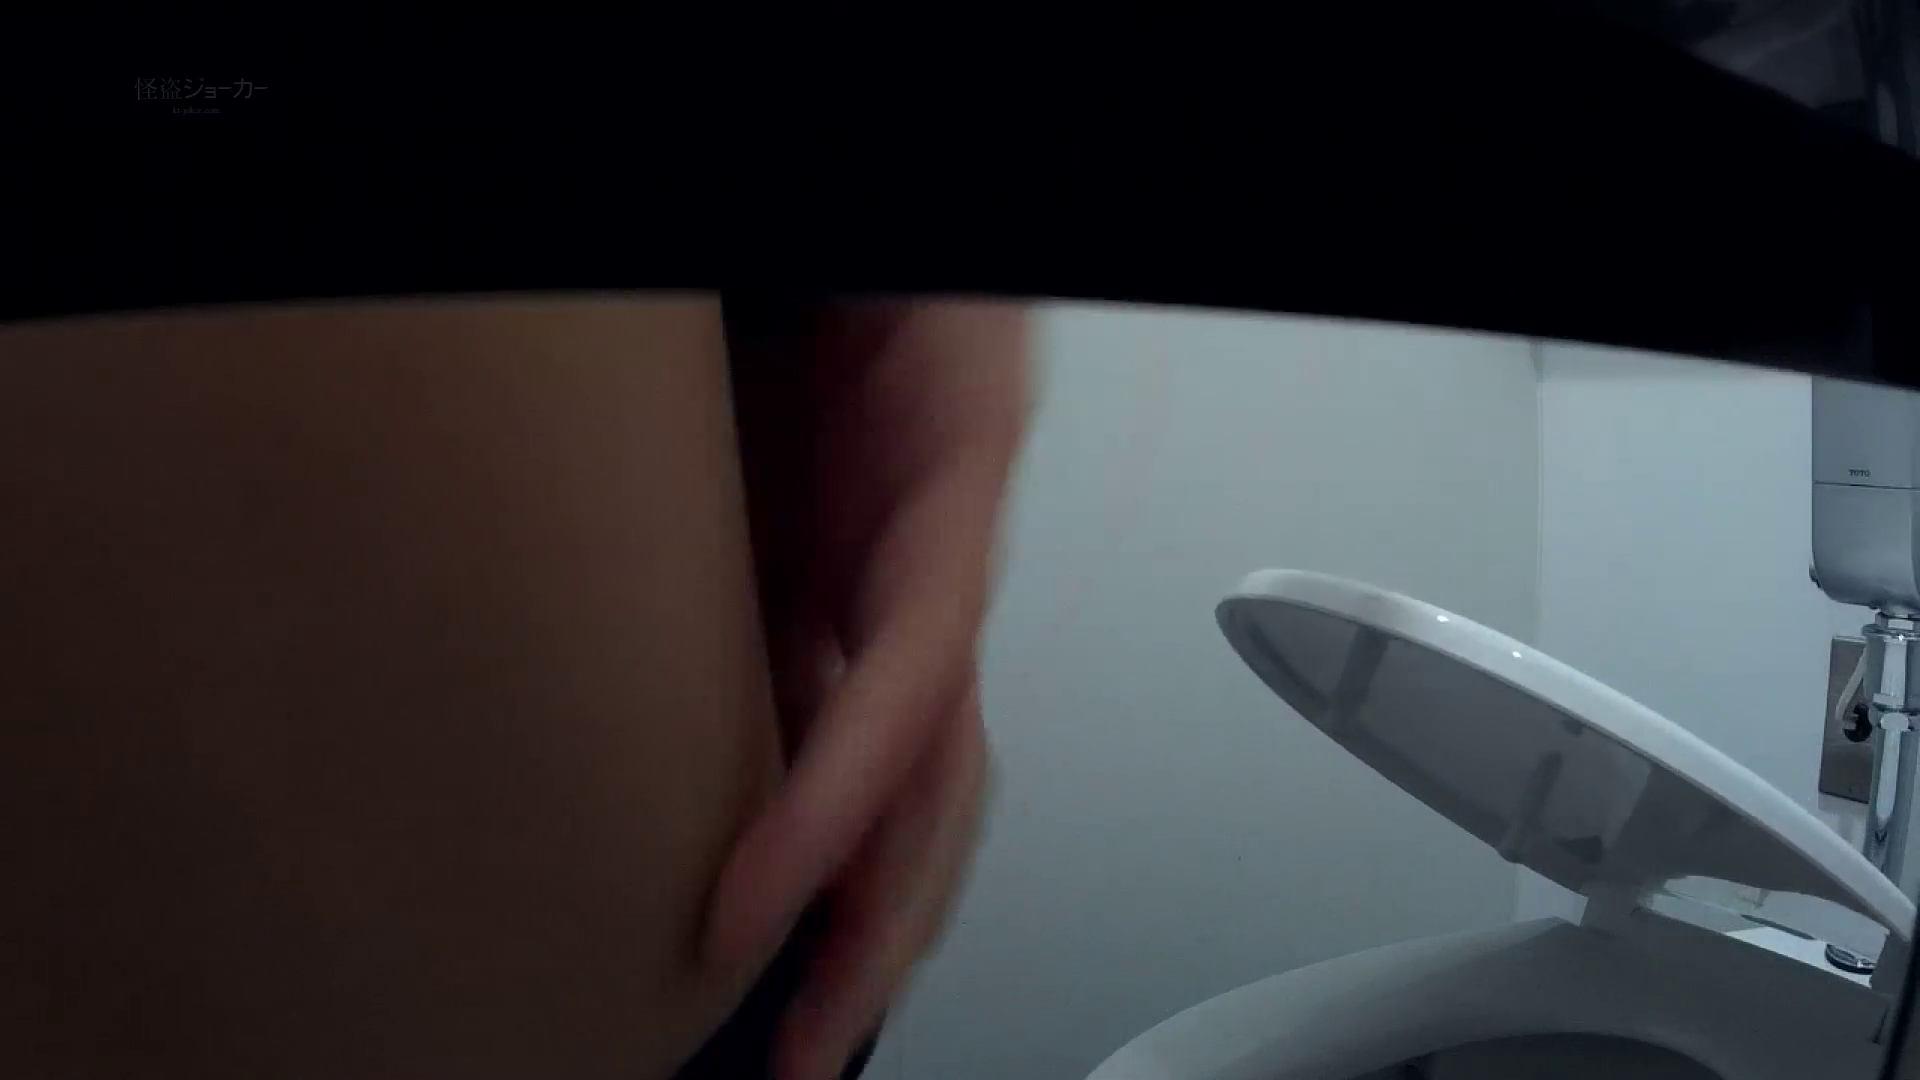 有名大学女性洗面所 vol.54 設置撮影最高峰!! 3視点でじっくり観察 潜入 | 投稿  76画像 71